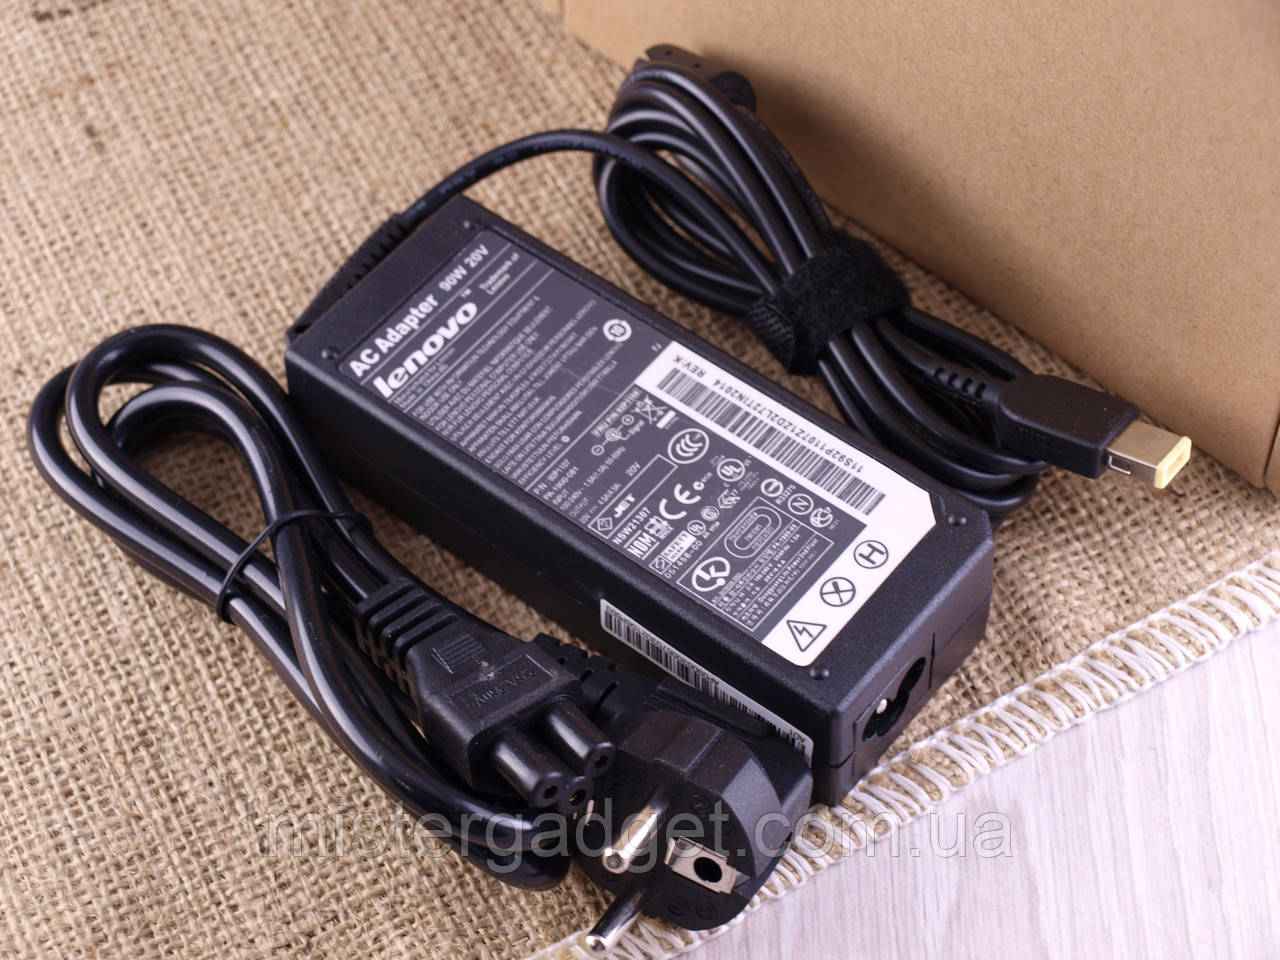 Блок питания для ноутбука Lenovo PA-1900-081 USB 20V 4.5A